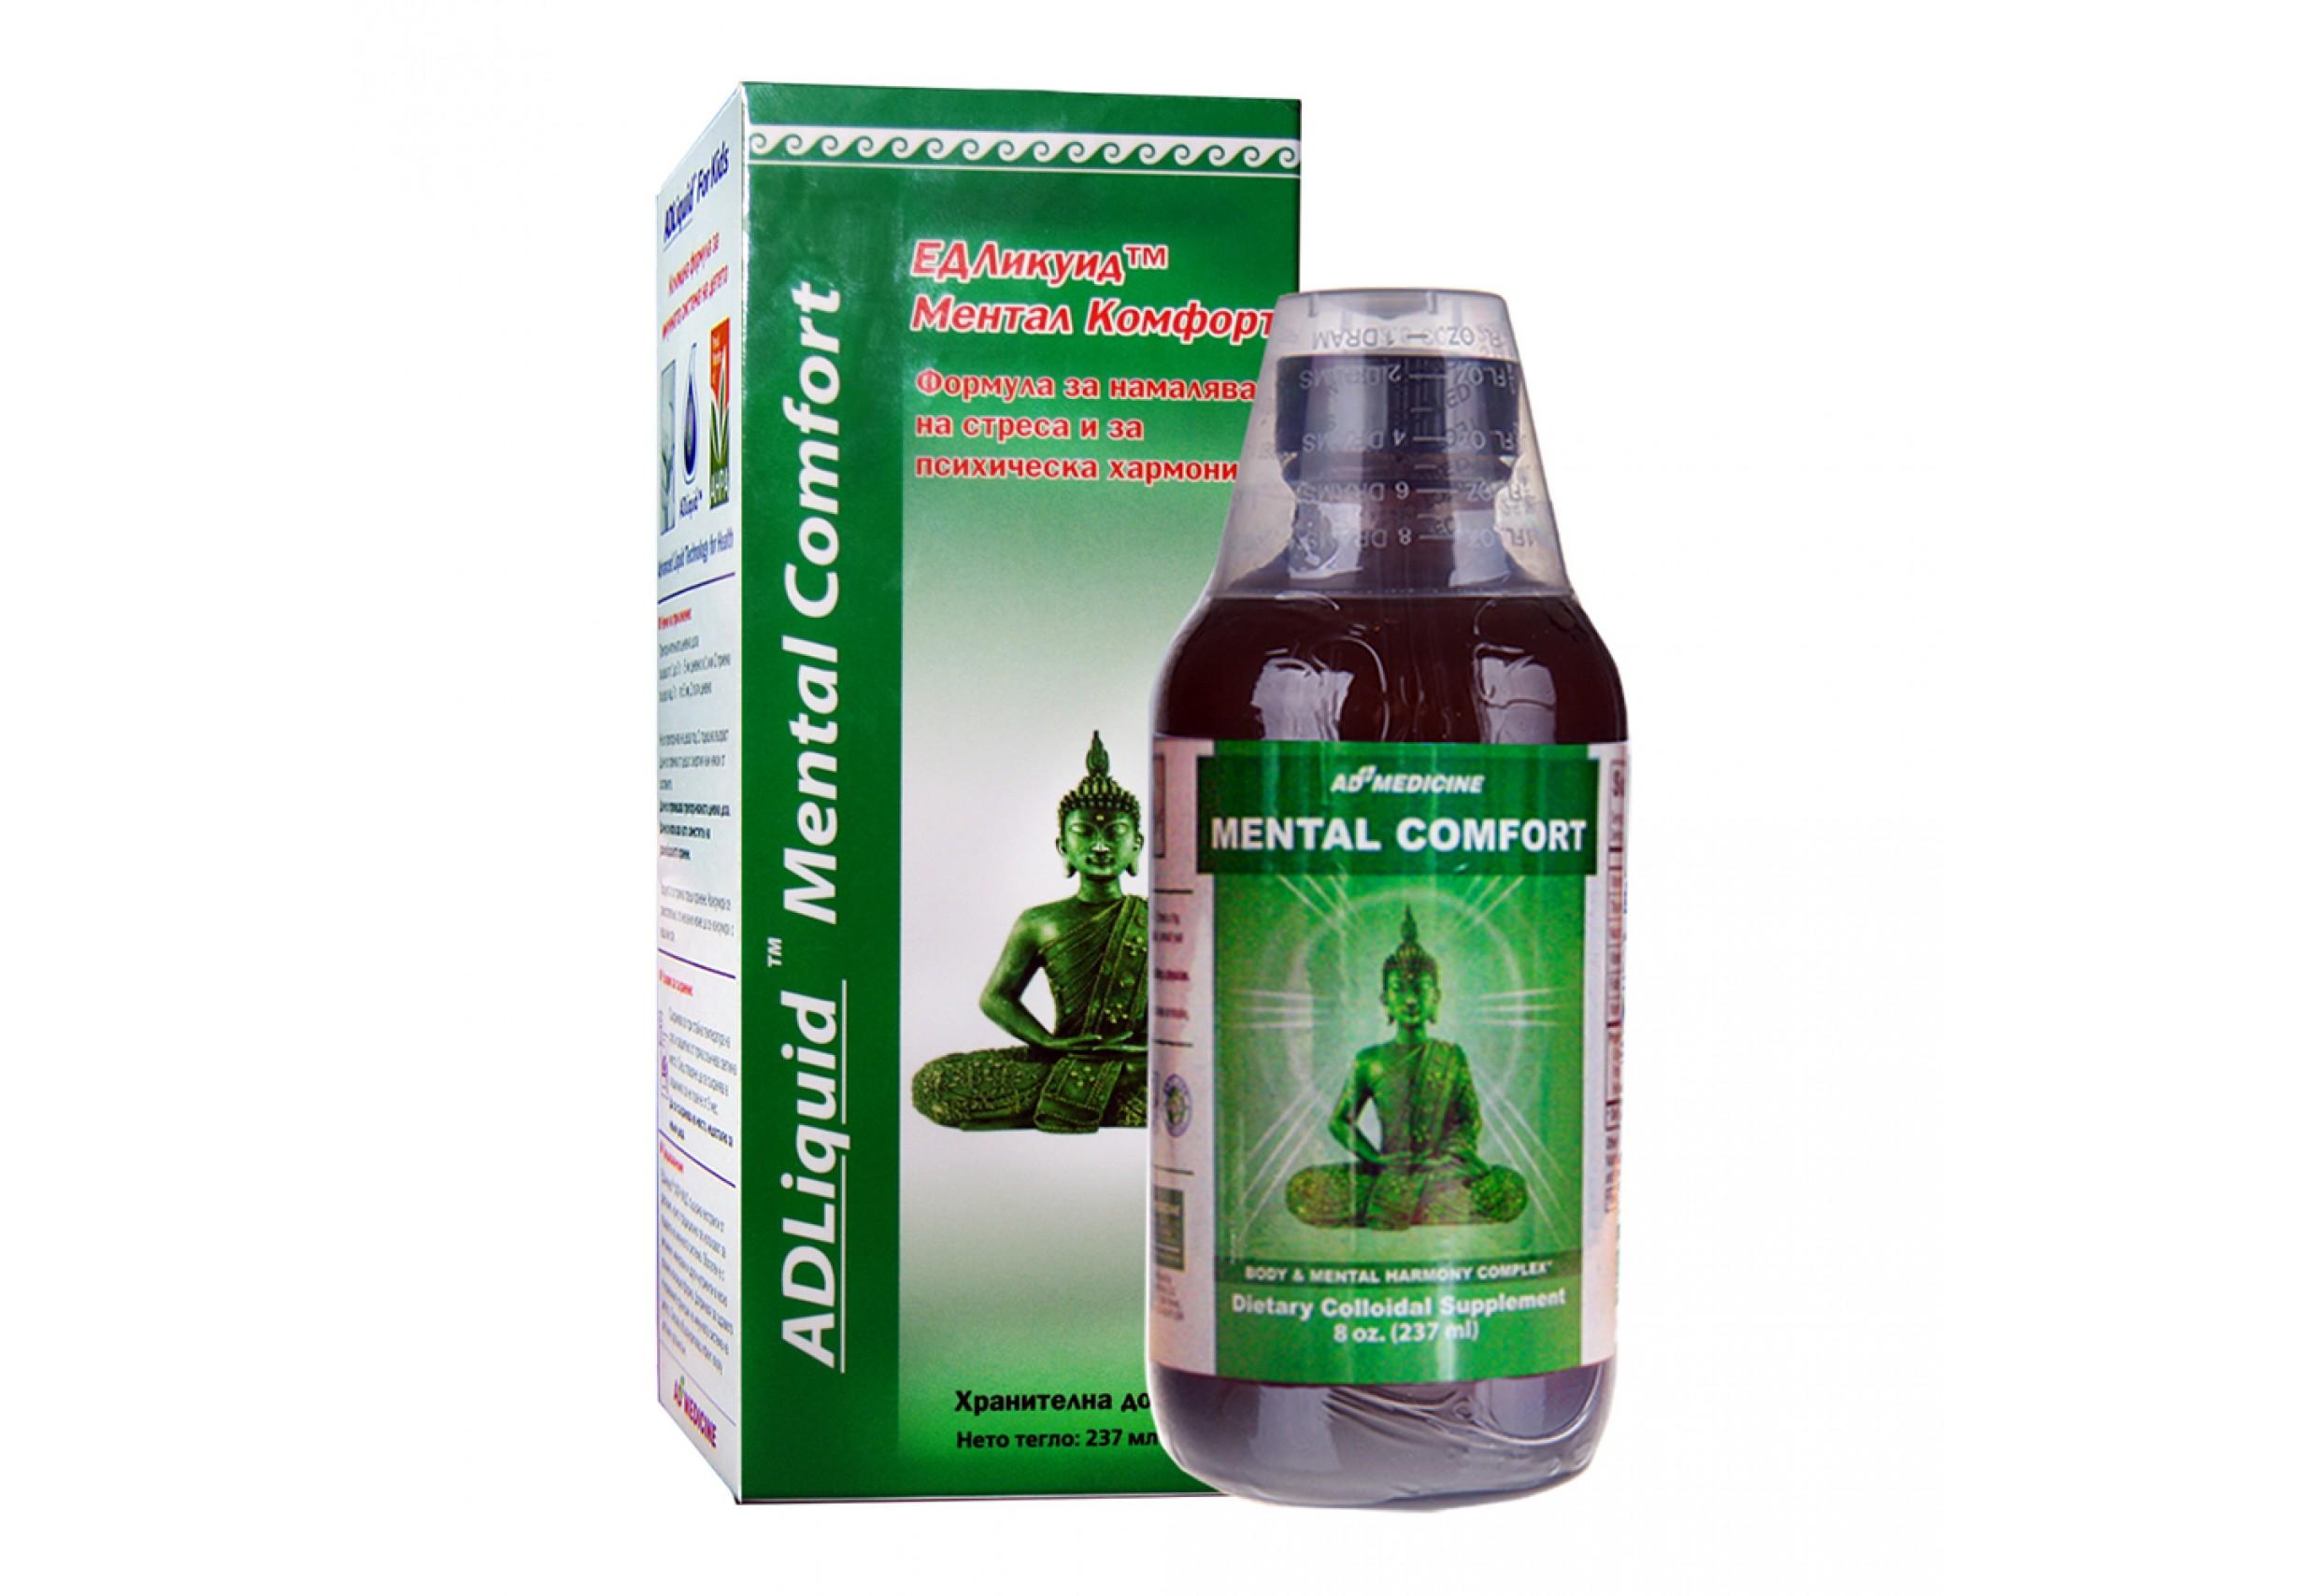 ADLiquid™ Mental Comfort -за намаляване на стреса и за психическа хармония